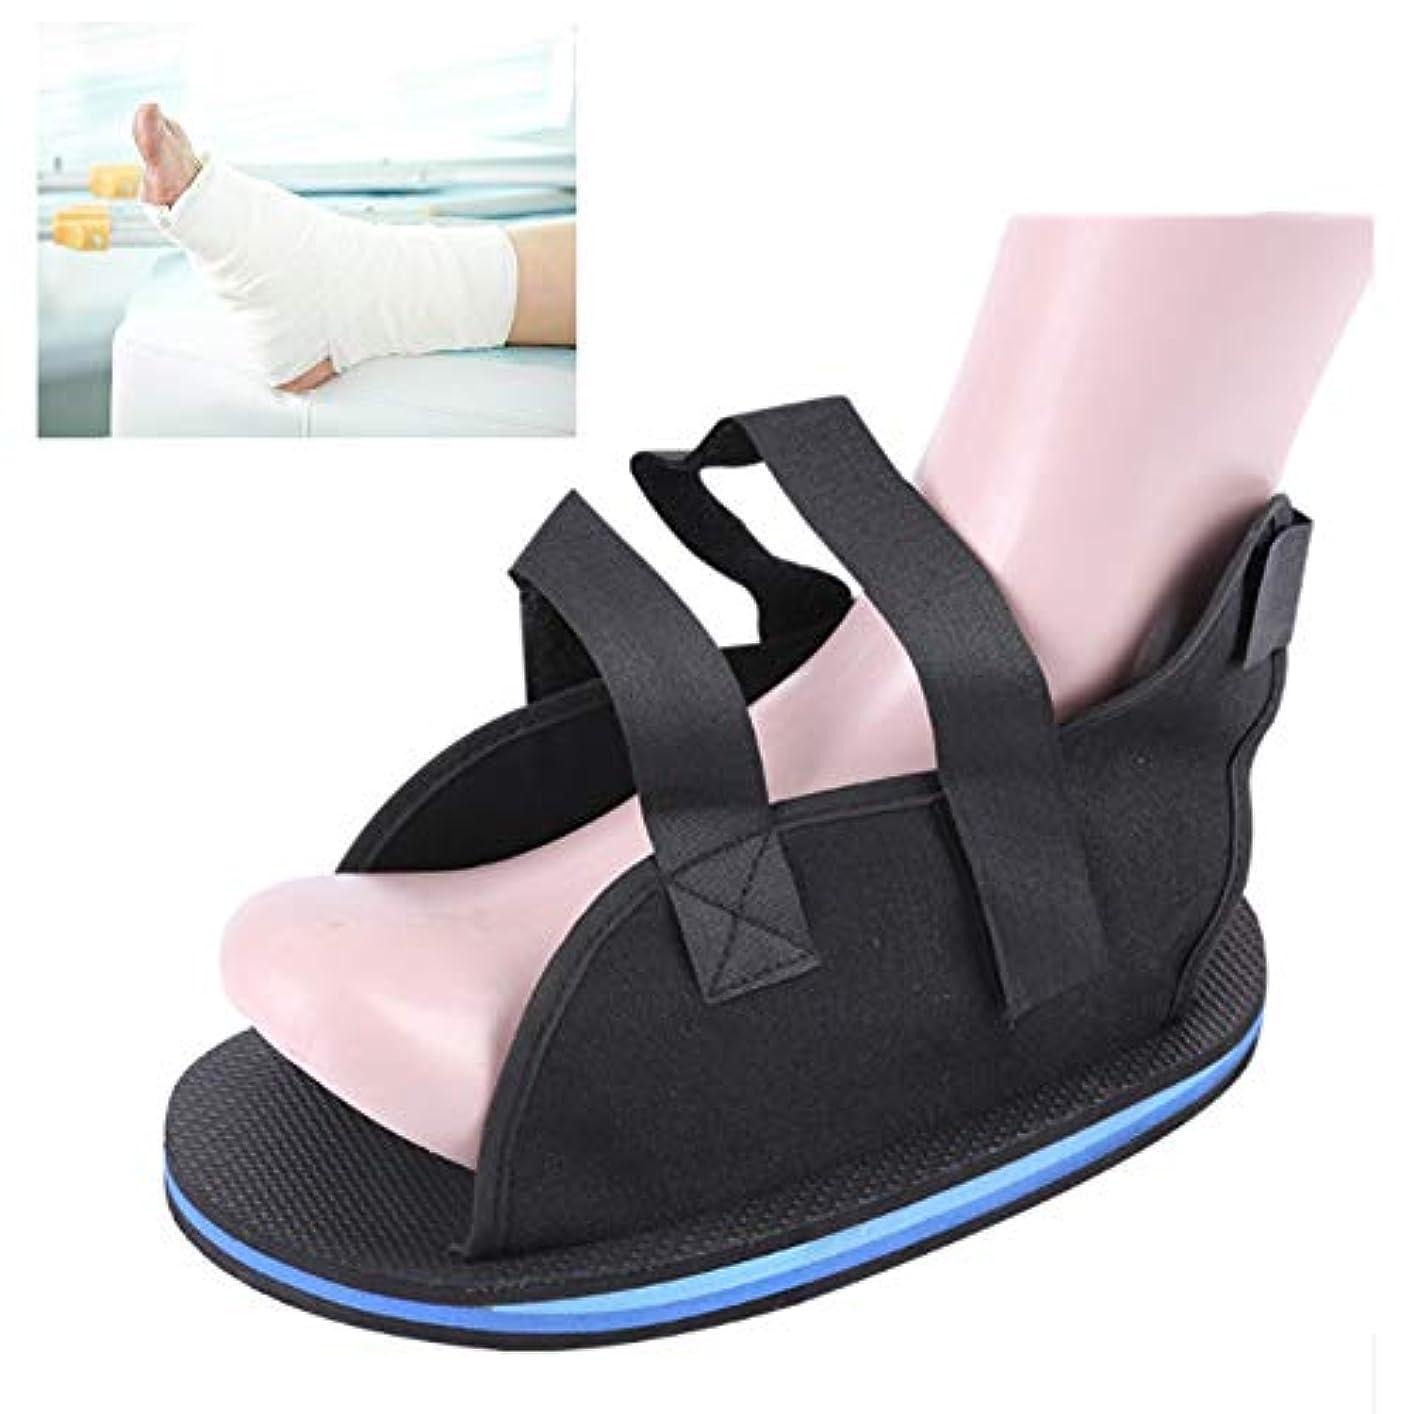 コスト麻痺アルネ術後ウォーキングブートキャスト医療靴骨折足の靴ポスト傷害外科治療リハビリ石膏靴,22cm2pcs